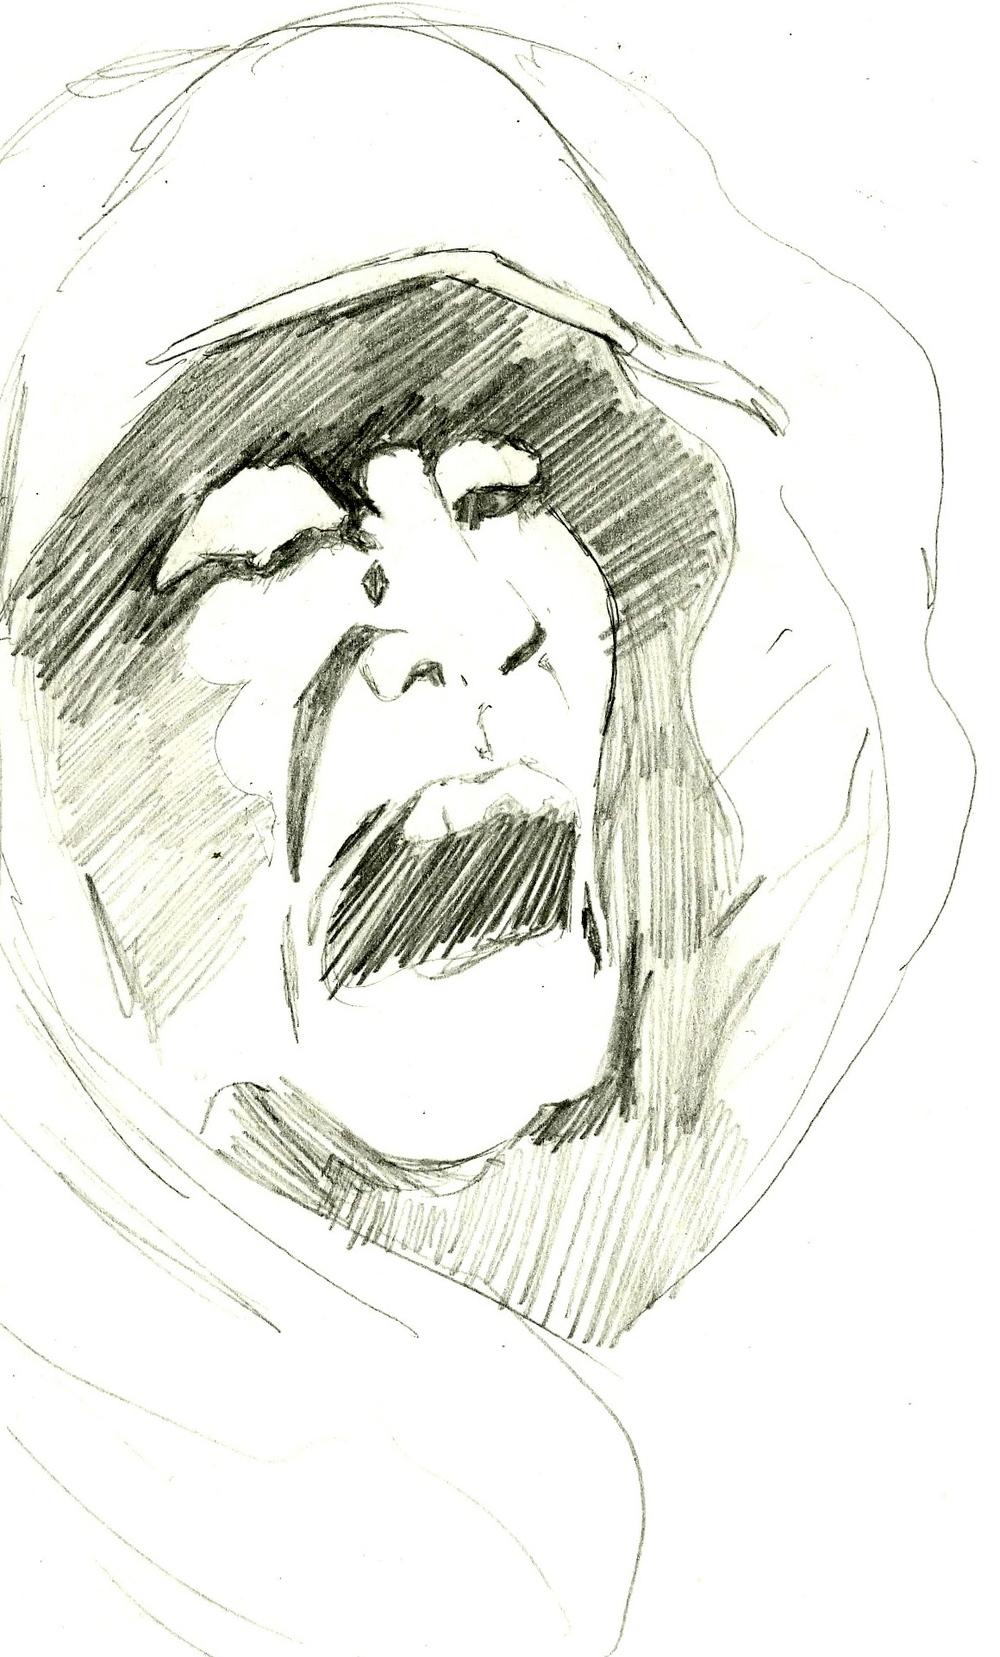 FACE MAN 2.jpg